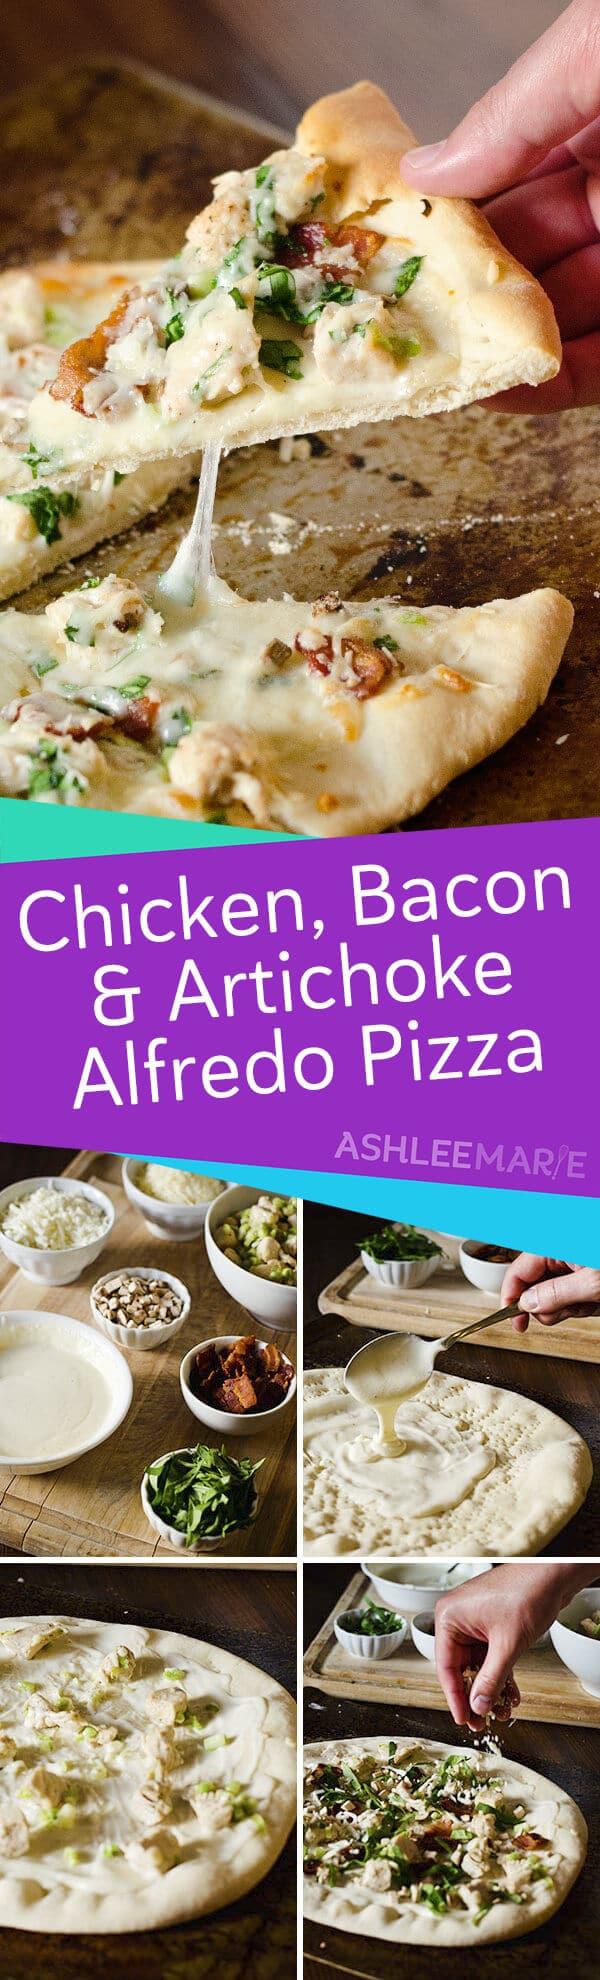 chicken bacon and artichoke alfredo pizza